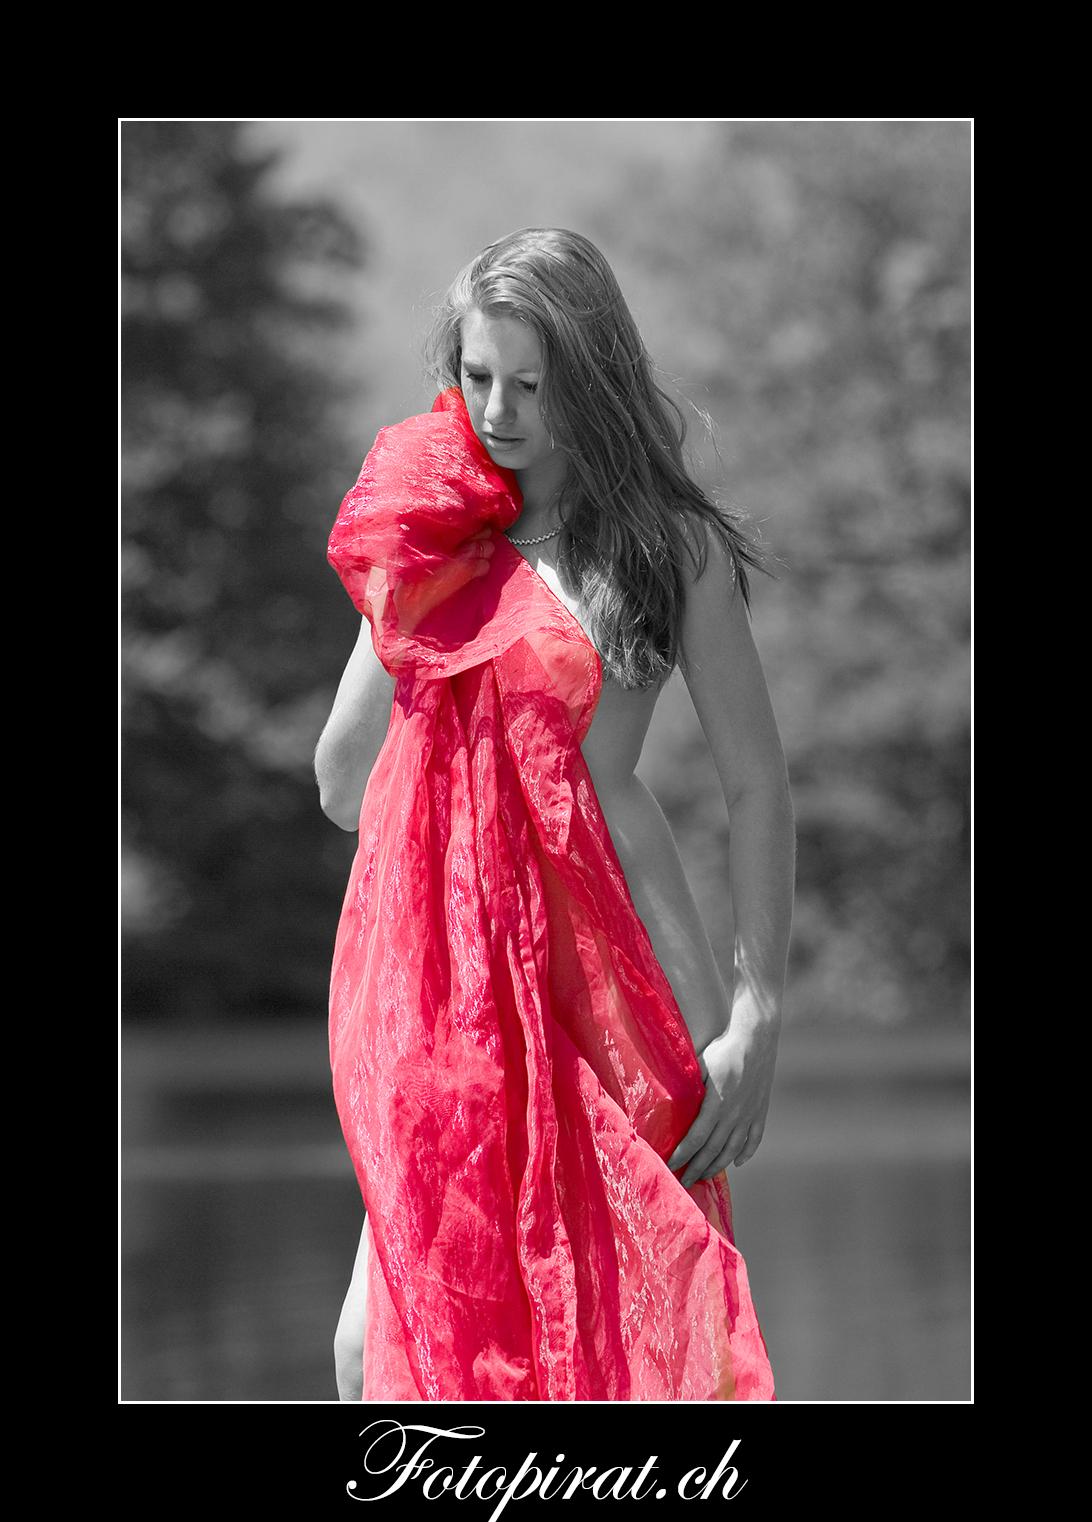 Fotoshooting, outdoor, blondes Fotomodel, Modelagentur, eyecatcher, verdeckter Akt, Nude, Nudeart